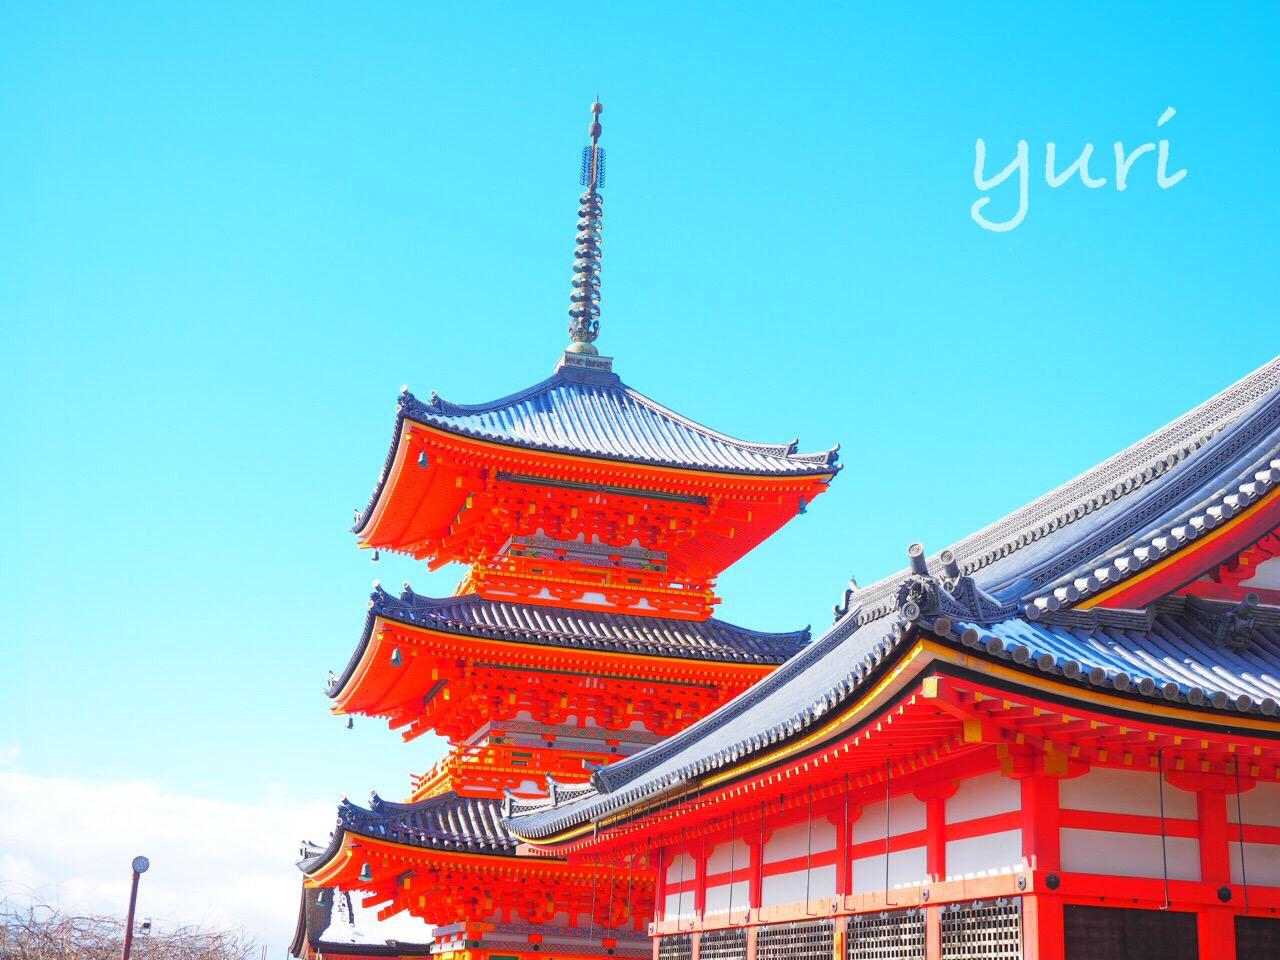 清水寺で雪の京都撮影をしたが、失敗した話